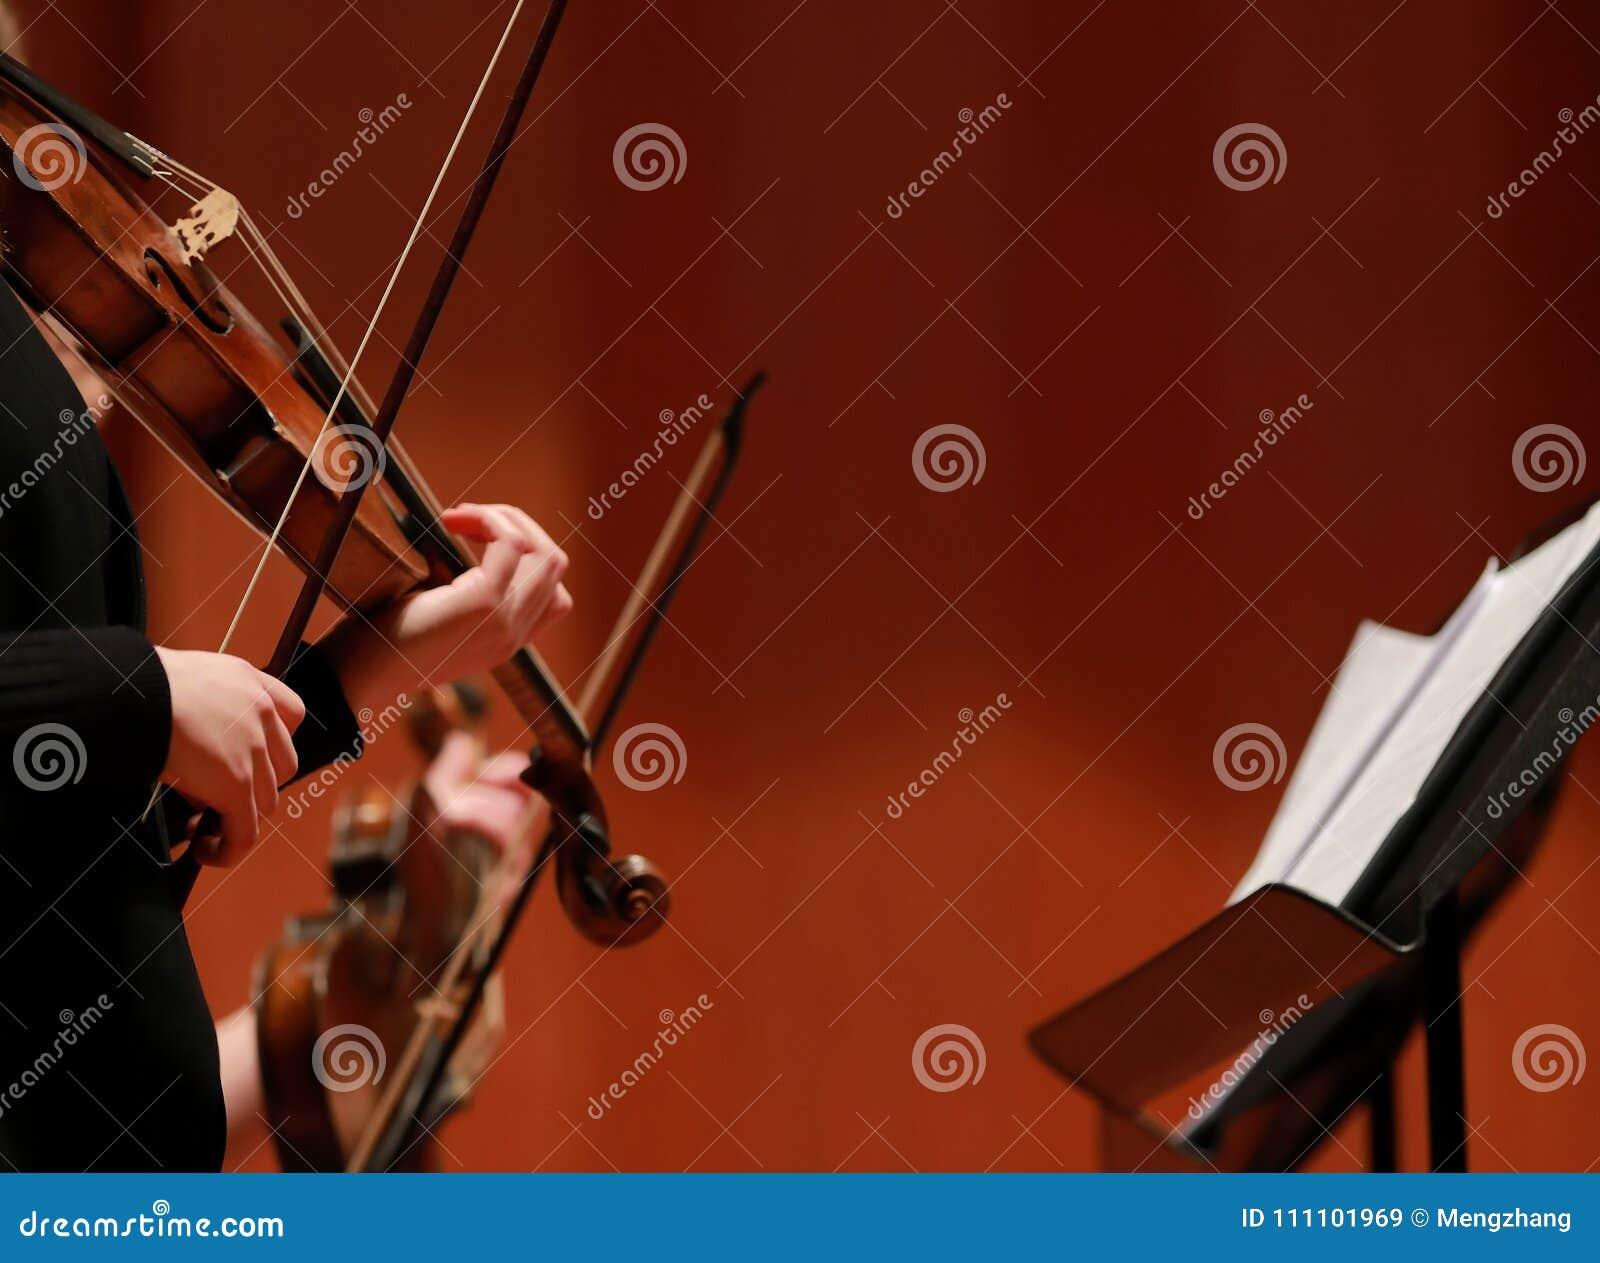 κλασική μουσική Βιολιστές στη συναυλία Stringed, violinistCloseup του μουσικού που παίζει το βιολί κατά τη διάρκεια μιας συμφωνία